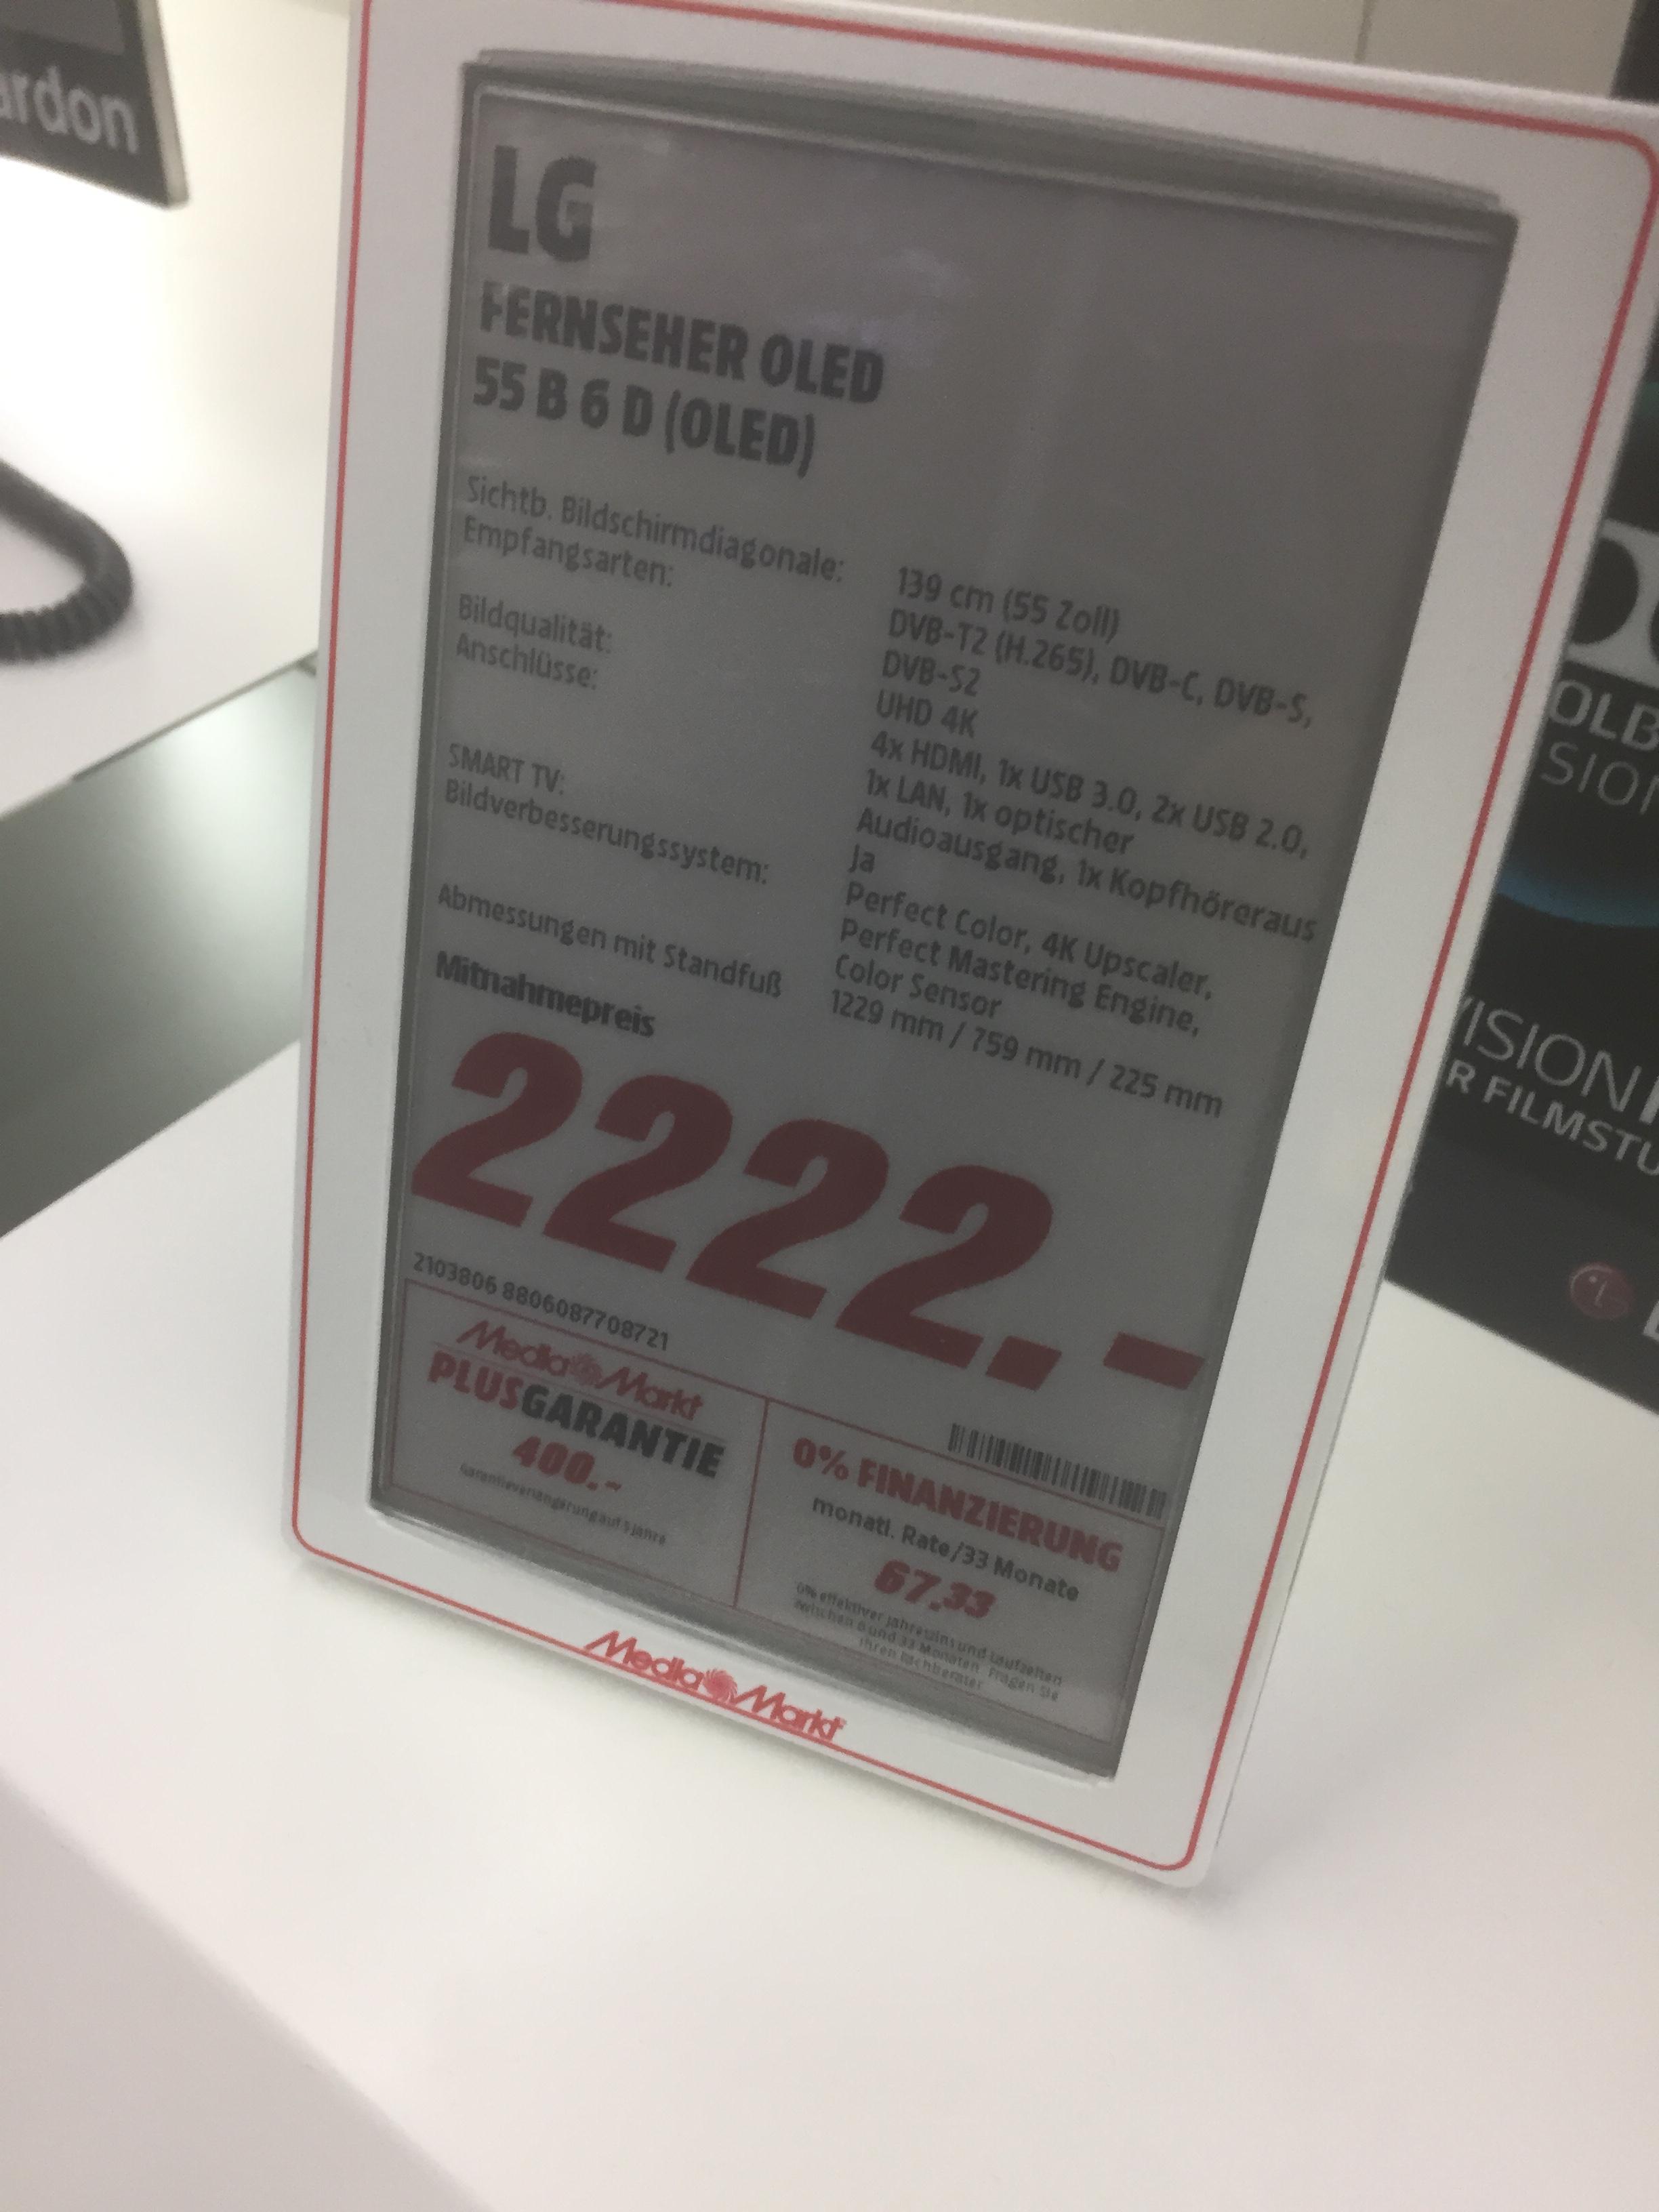 Mediamarkt Elmshorn: LG OLED 55 B 6